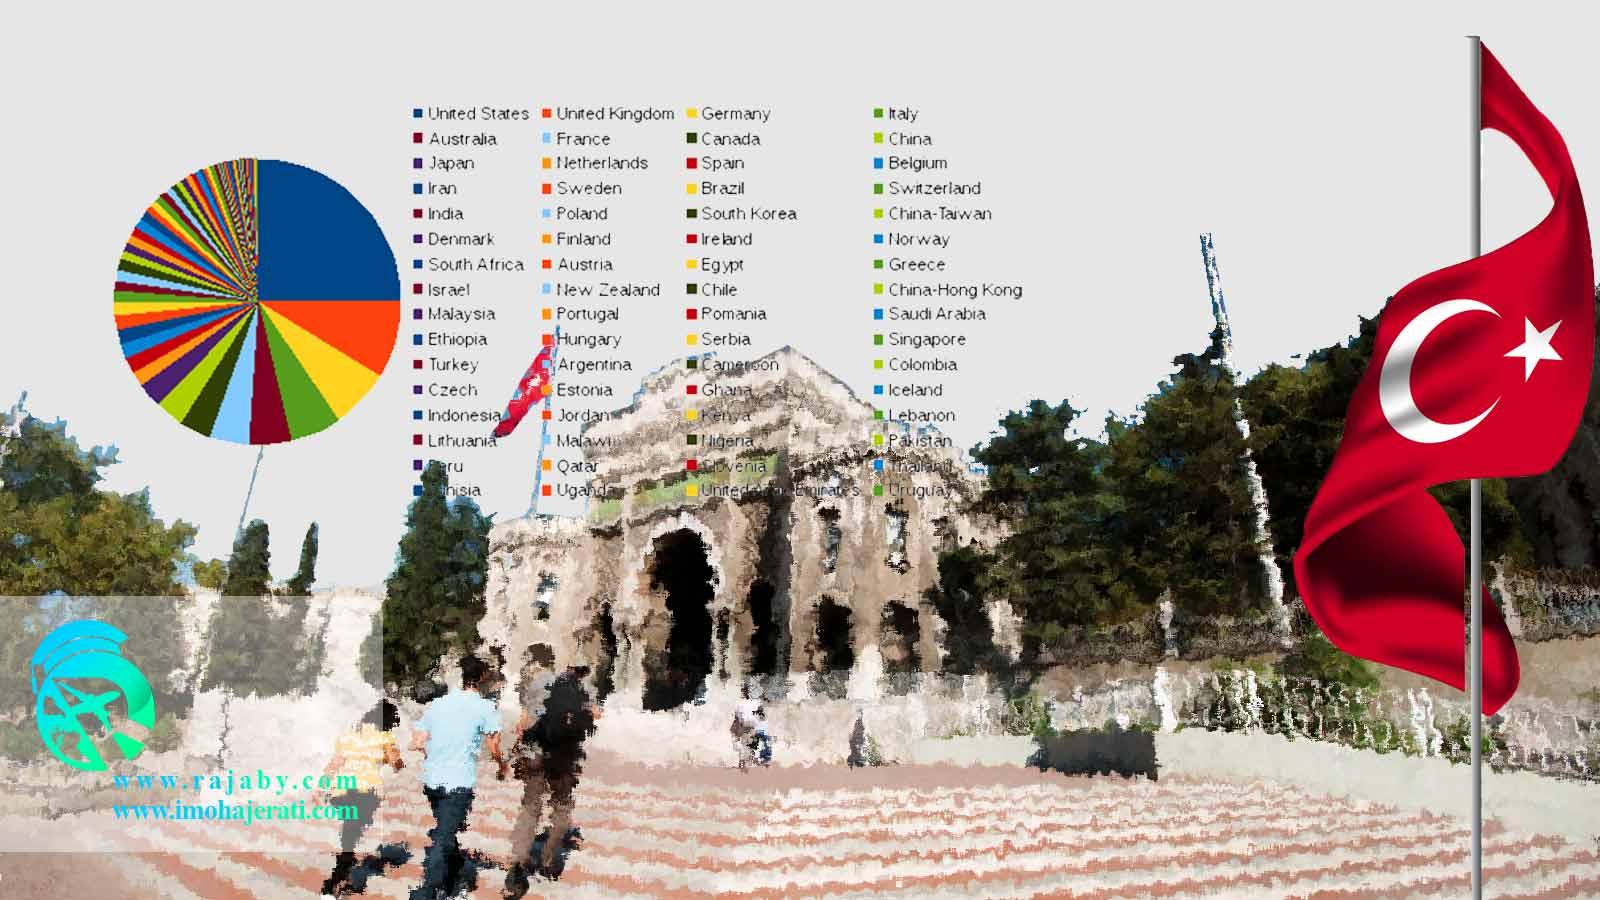 رنکینگ دانشگاه های پزشکی ترکیه